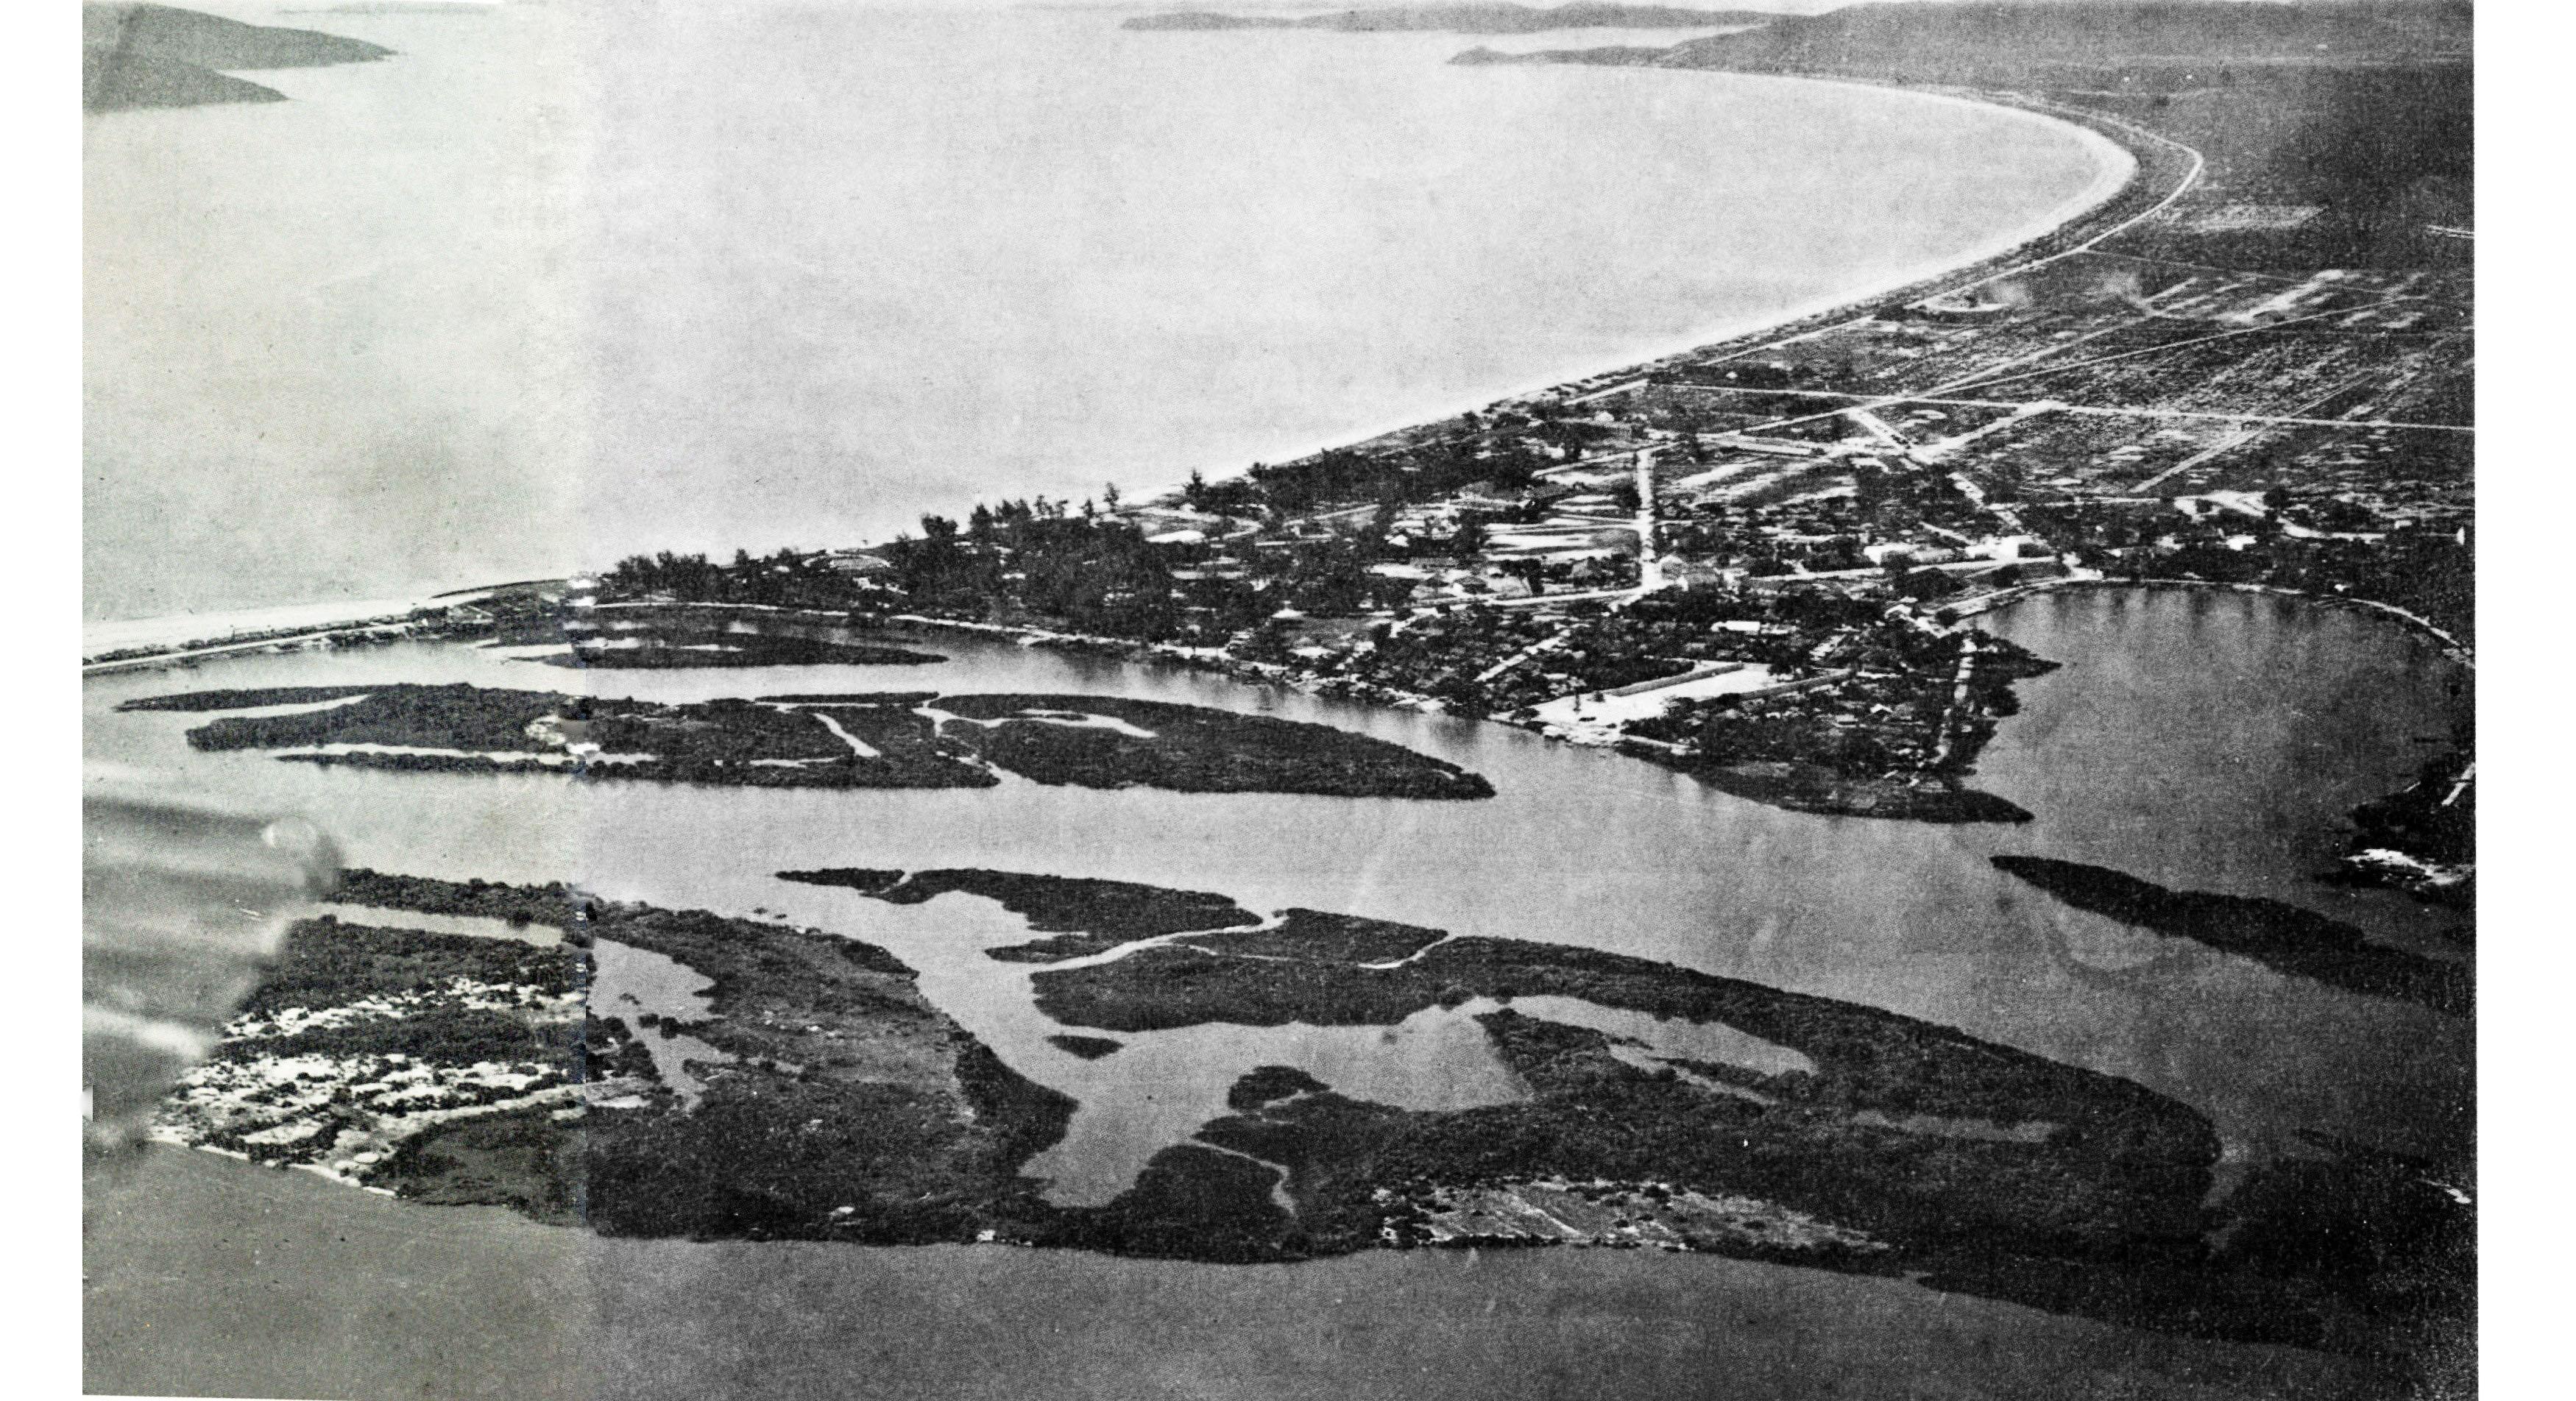 http://upload.wikimedia.org/wikipedia/vi/7/7e/Nha_Trang_before_1900.jpg